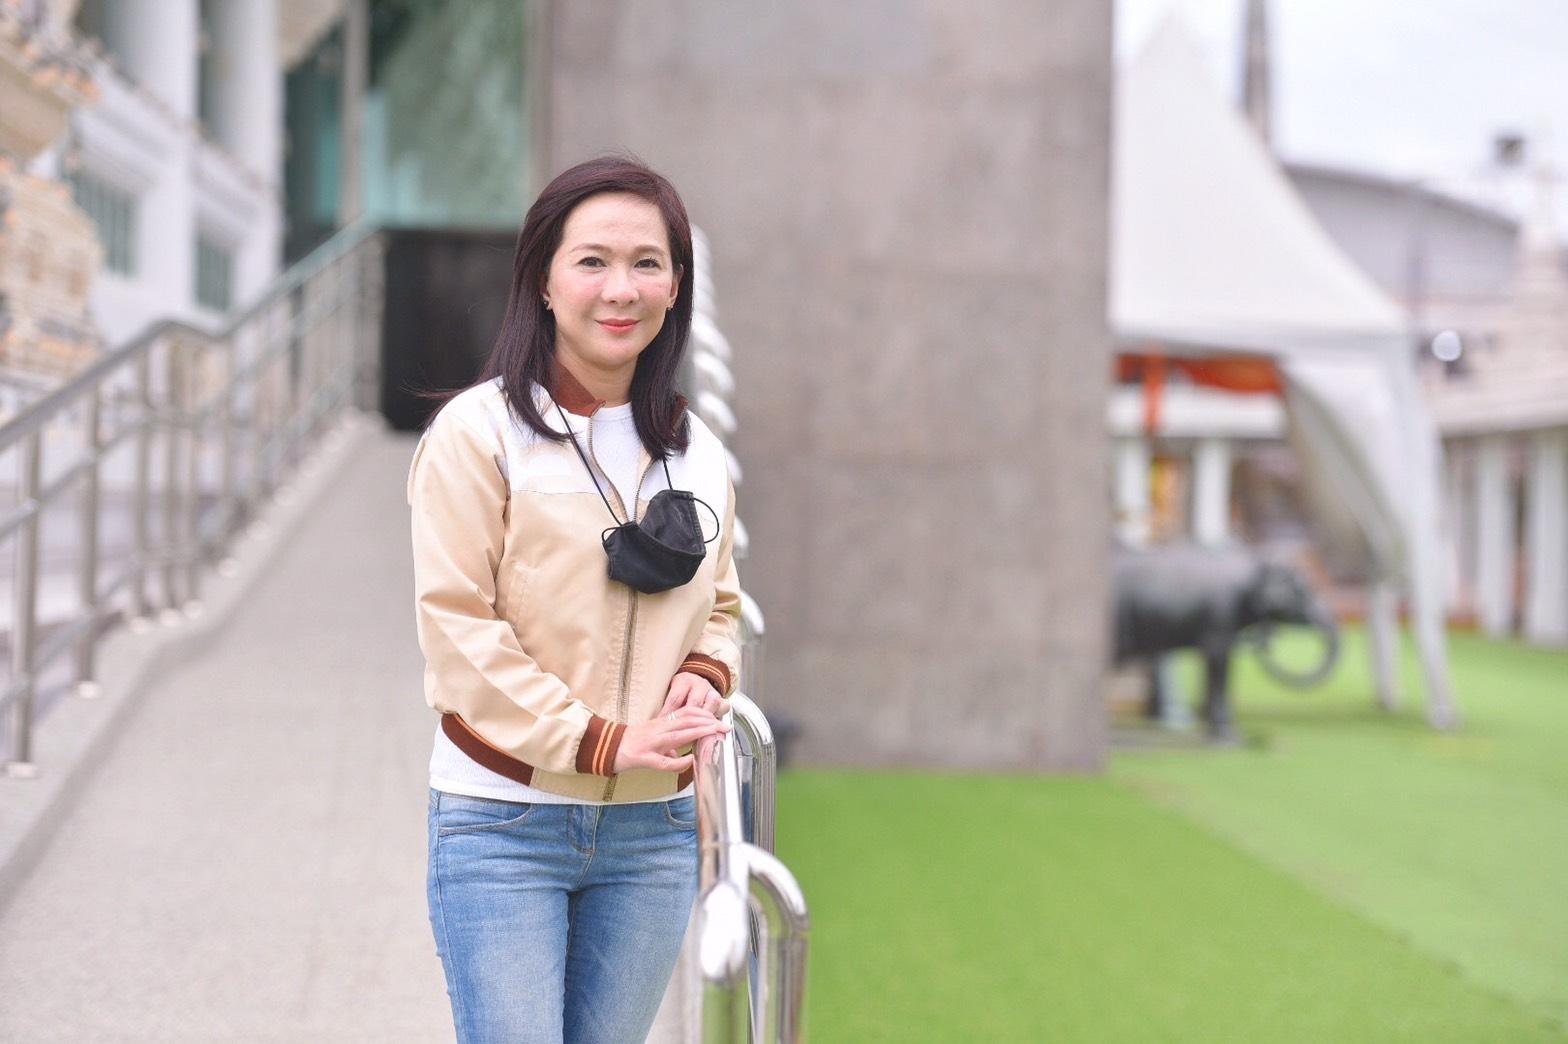 ชูนครศรีฯ เป็น เมืองต้นแบบ Universal Design สร้างเส้นทางท่องเที่ยวเพื่อทุกคน thaihealth